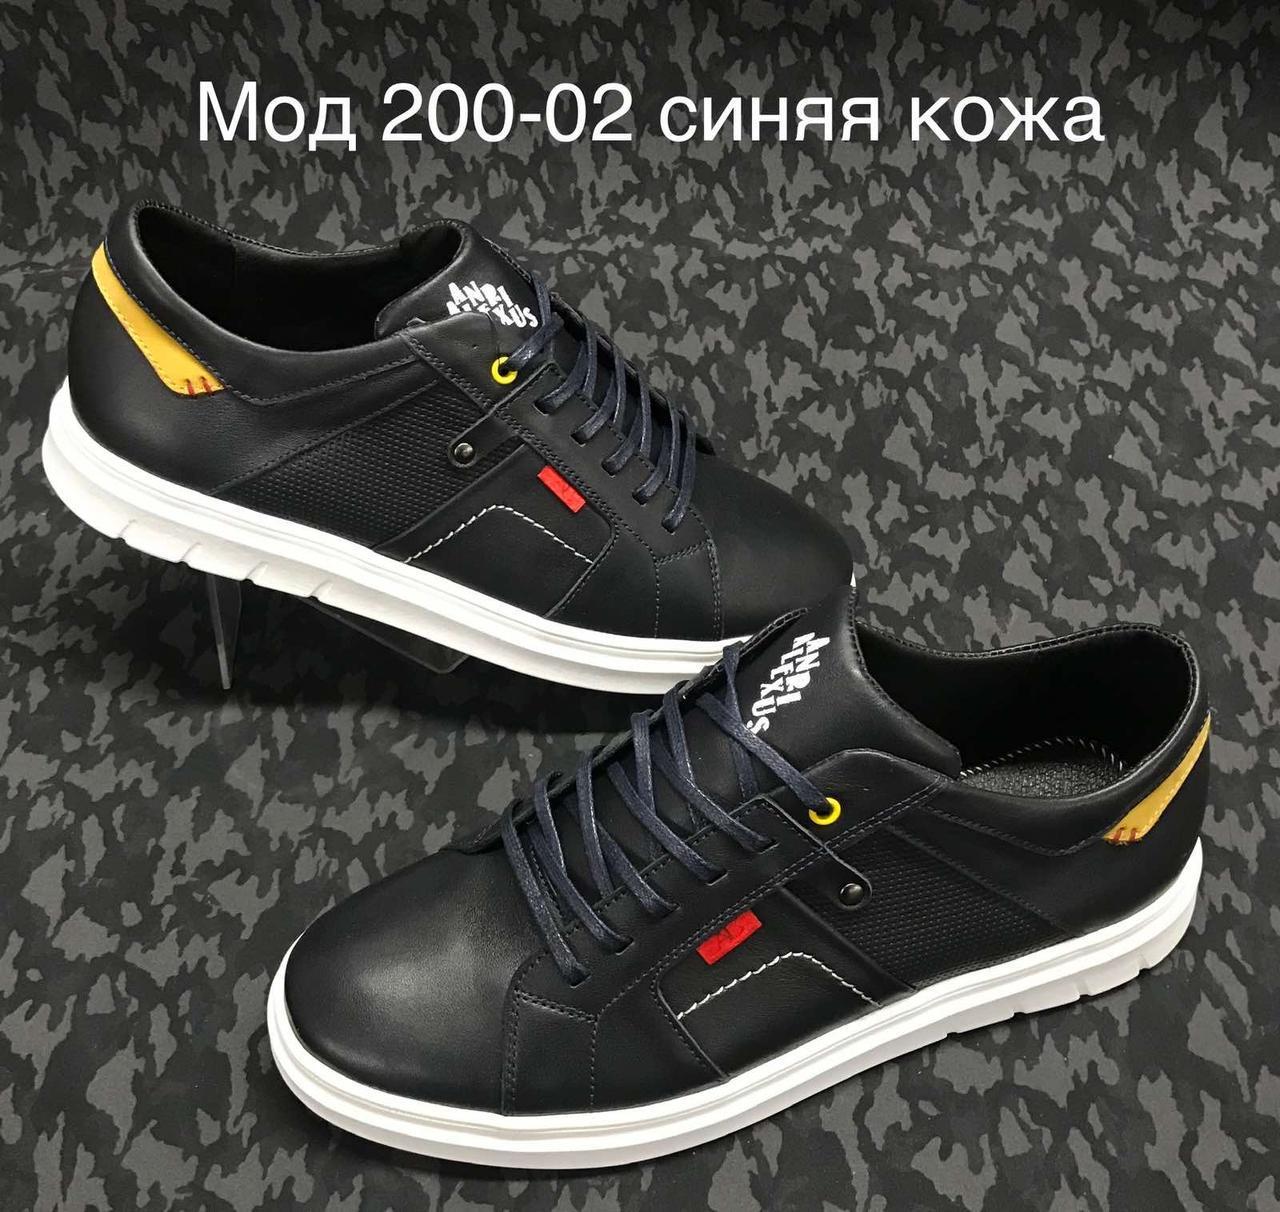 Мужские кожаные кроссовки  Model -200-02 размеры 40 41 42 43 44 45